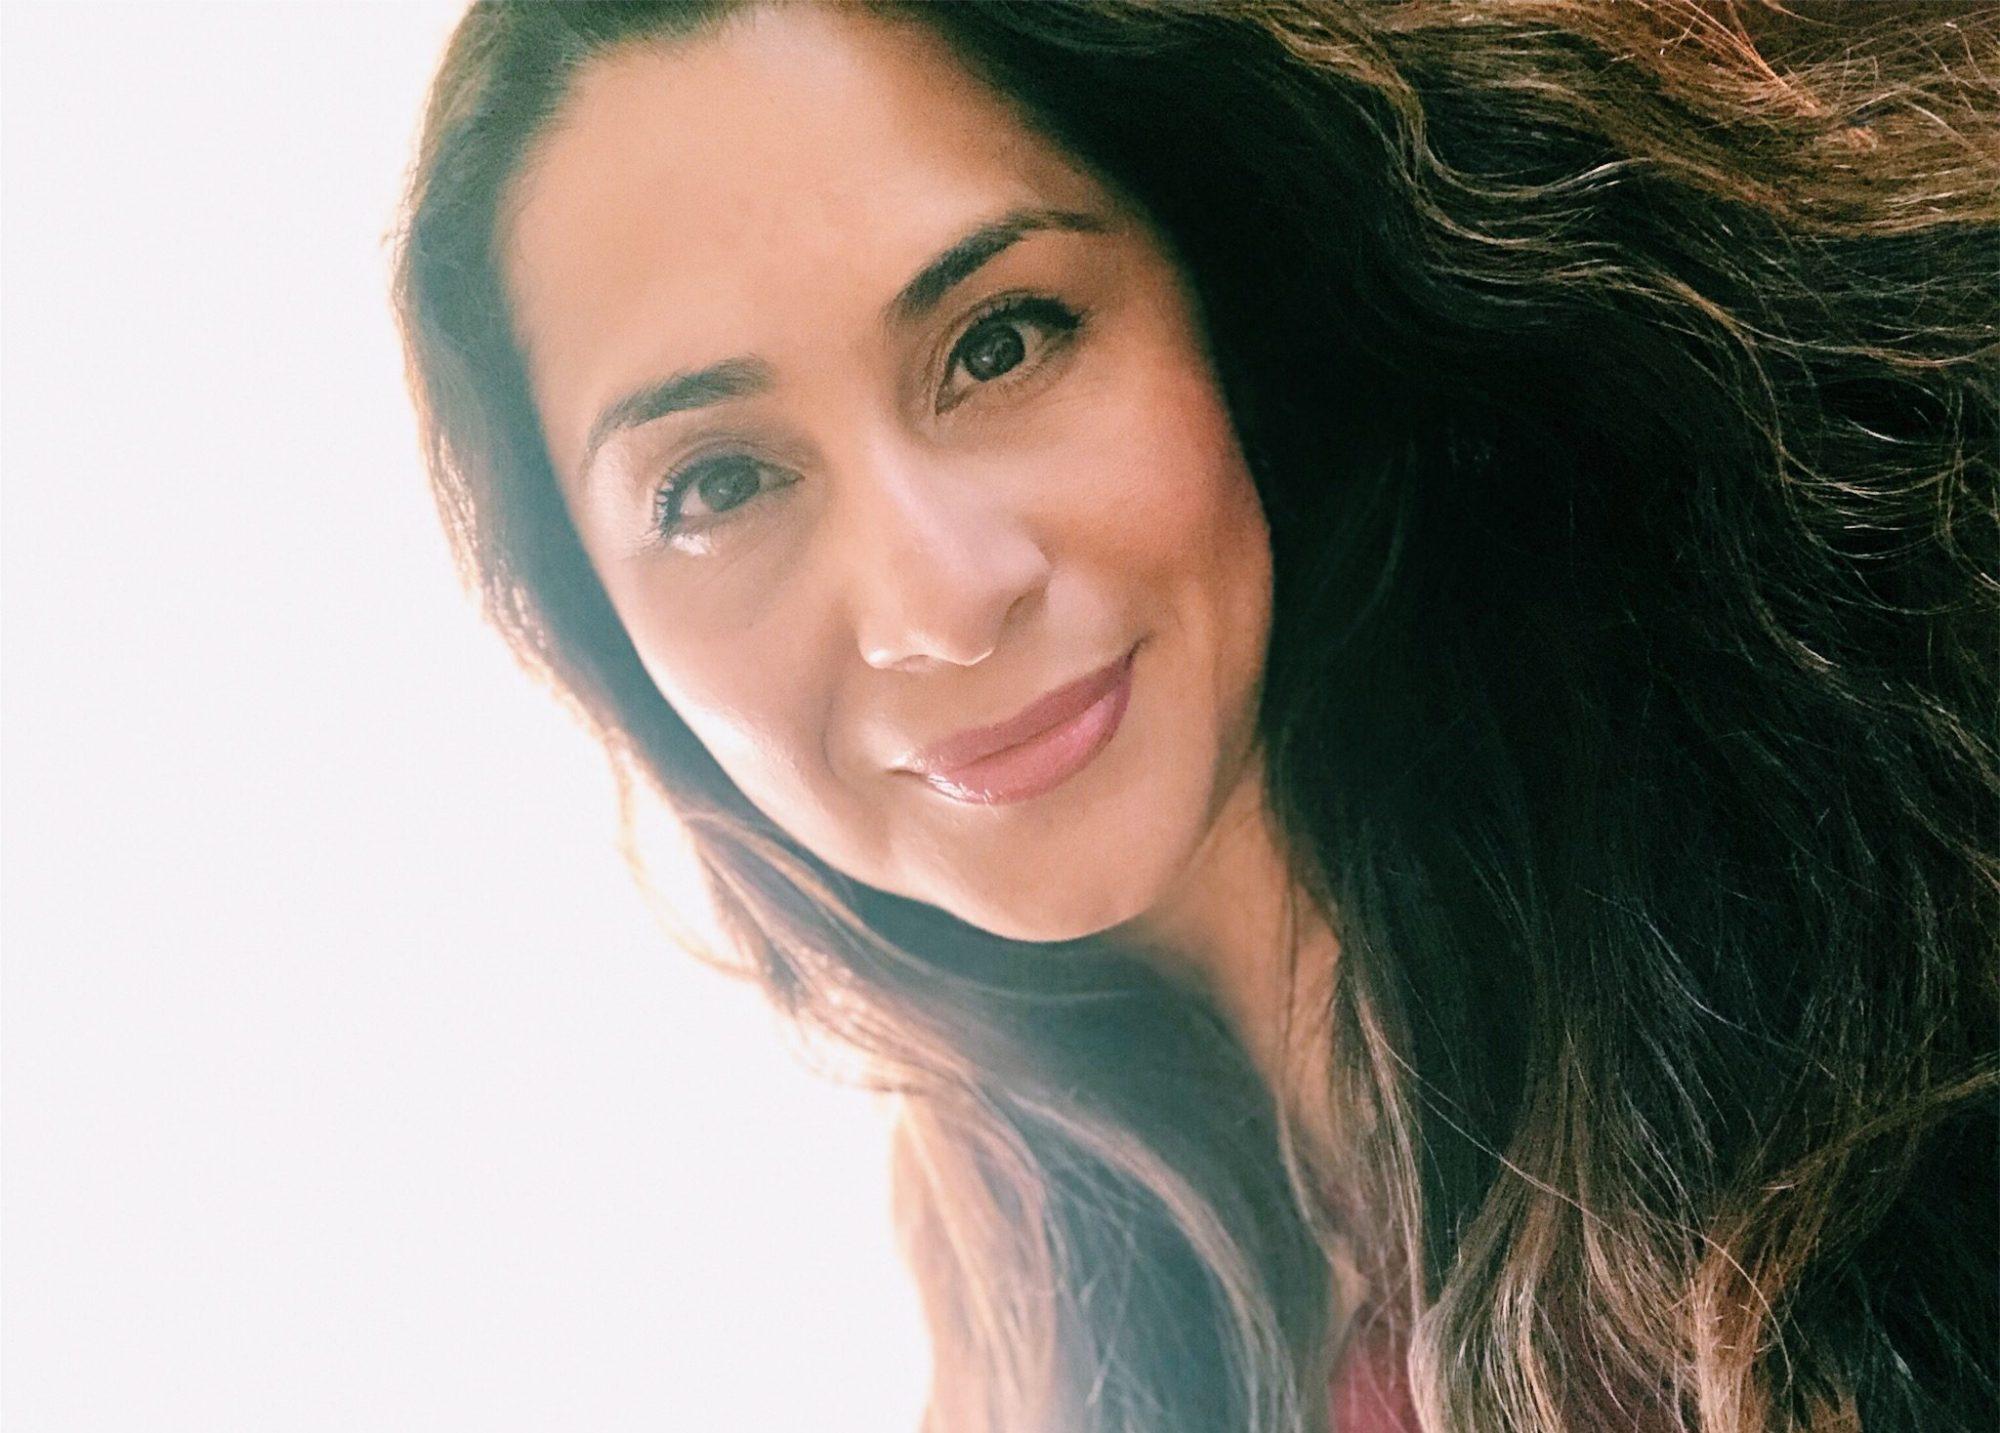 Jacqueline N. Mendez